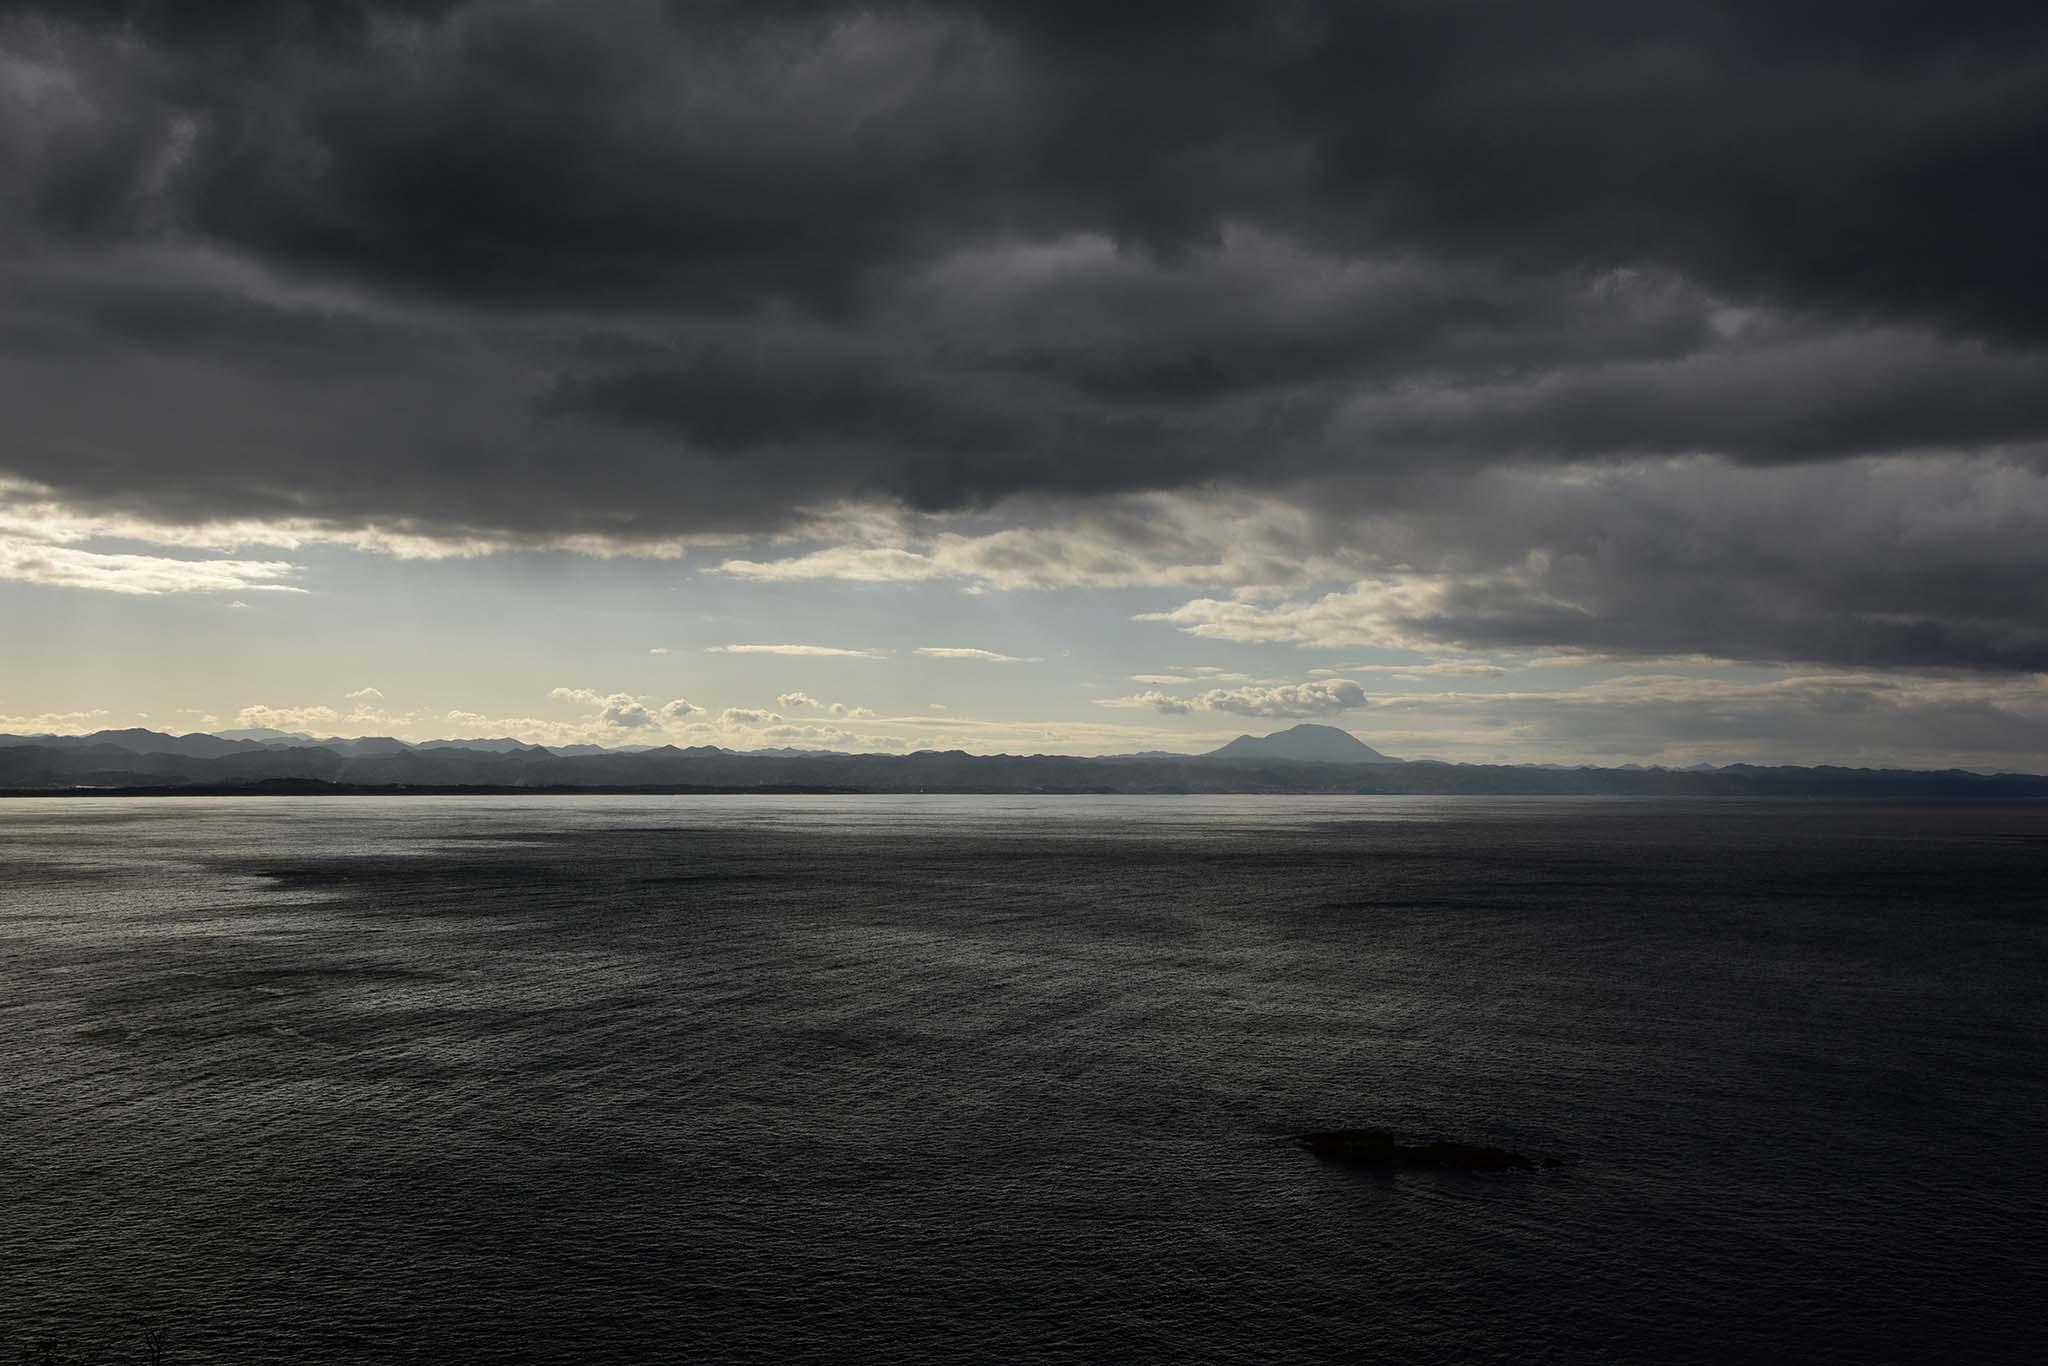 2021年gallery0369早川知芳写真展 「痕跡への旅 出雲・伯耆」